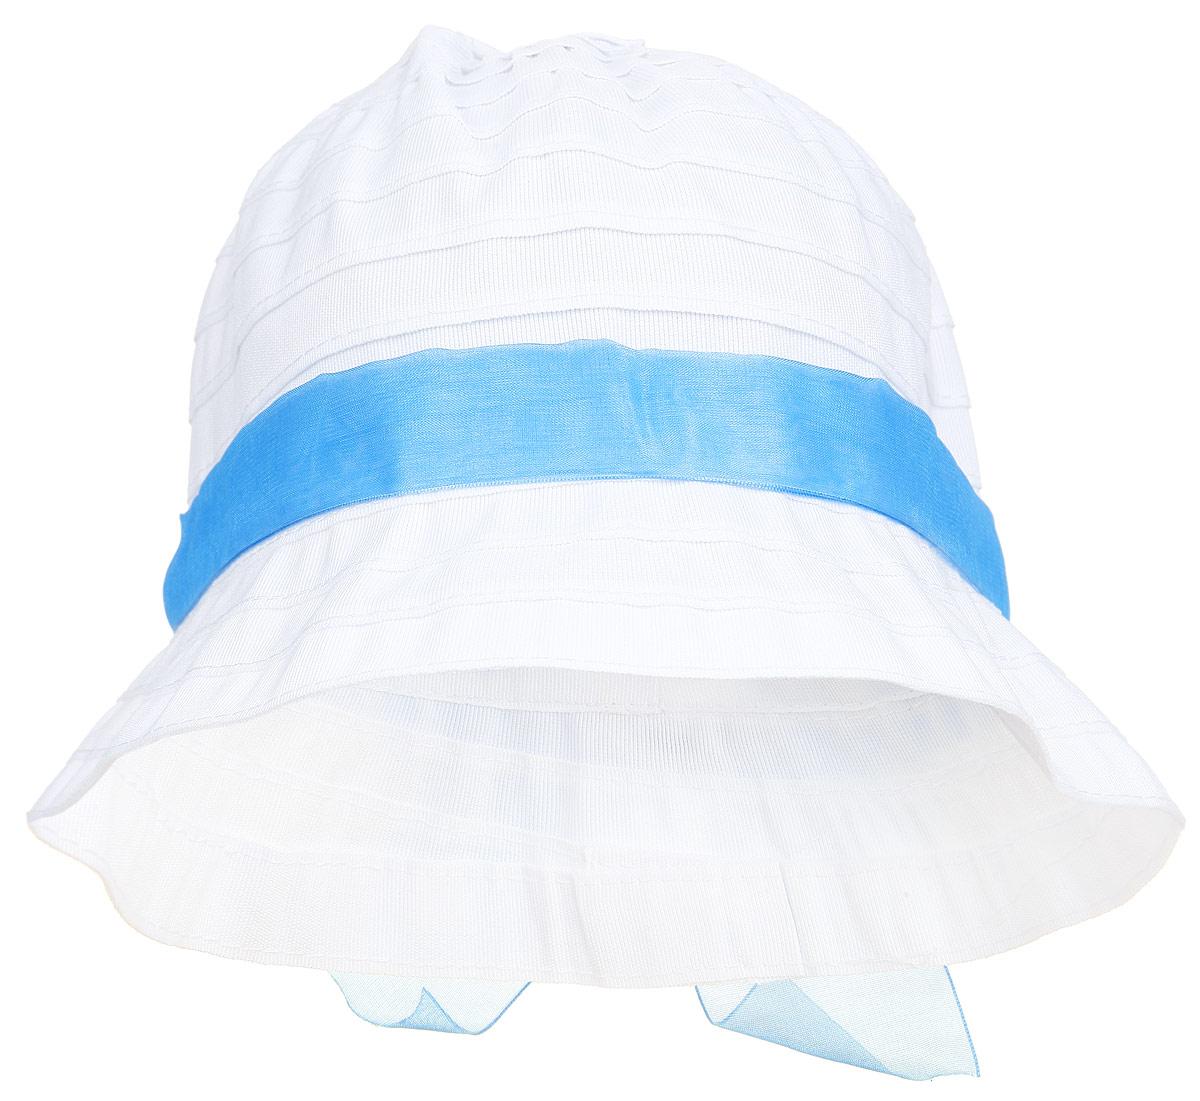 Панама232027Летняя панамка для девочки PlayToday защитит голову вашей малышки от солнца и сильного ветра. Изготовленная из полиэстера, она приятная на ощупь и хорошо вентилируется. А плоские швы обеспечивают максимальный комфорт ребенку. Нежная панамка оформлена яркой ленточкой с бантиком. Уважаемые клиенты! Обращаем ваше внимание на тот факт, что размер изделия, доступный для заказа, равен обхвату головы.